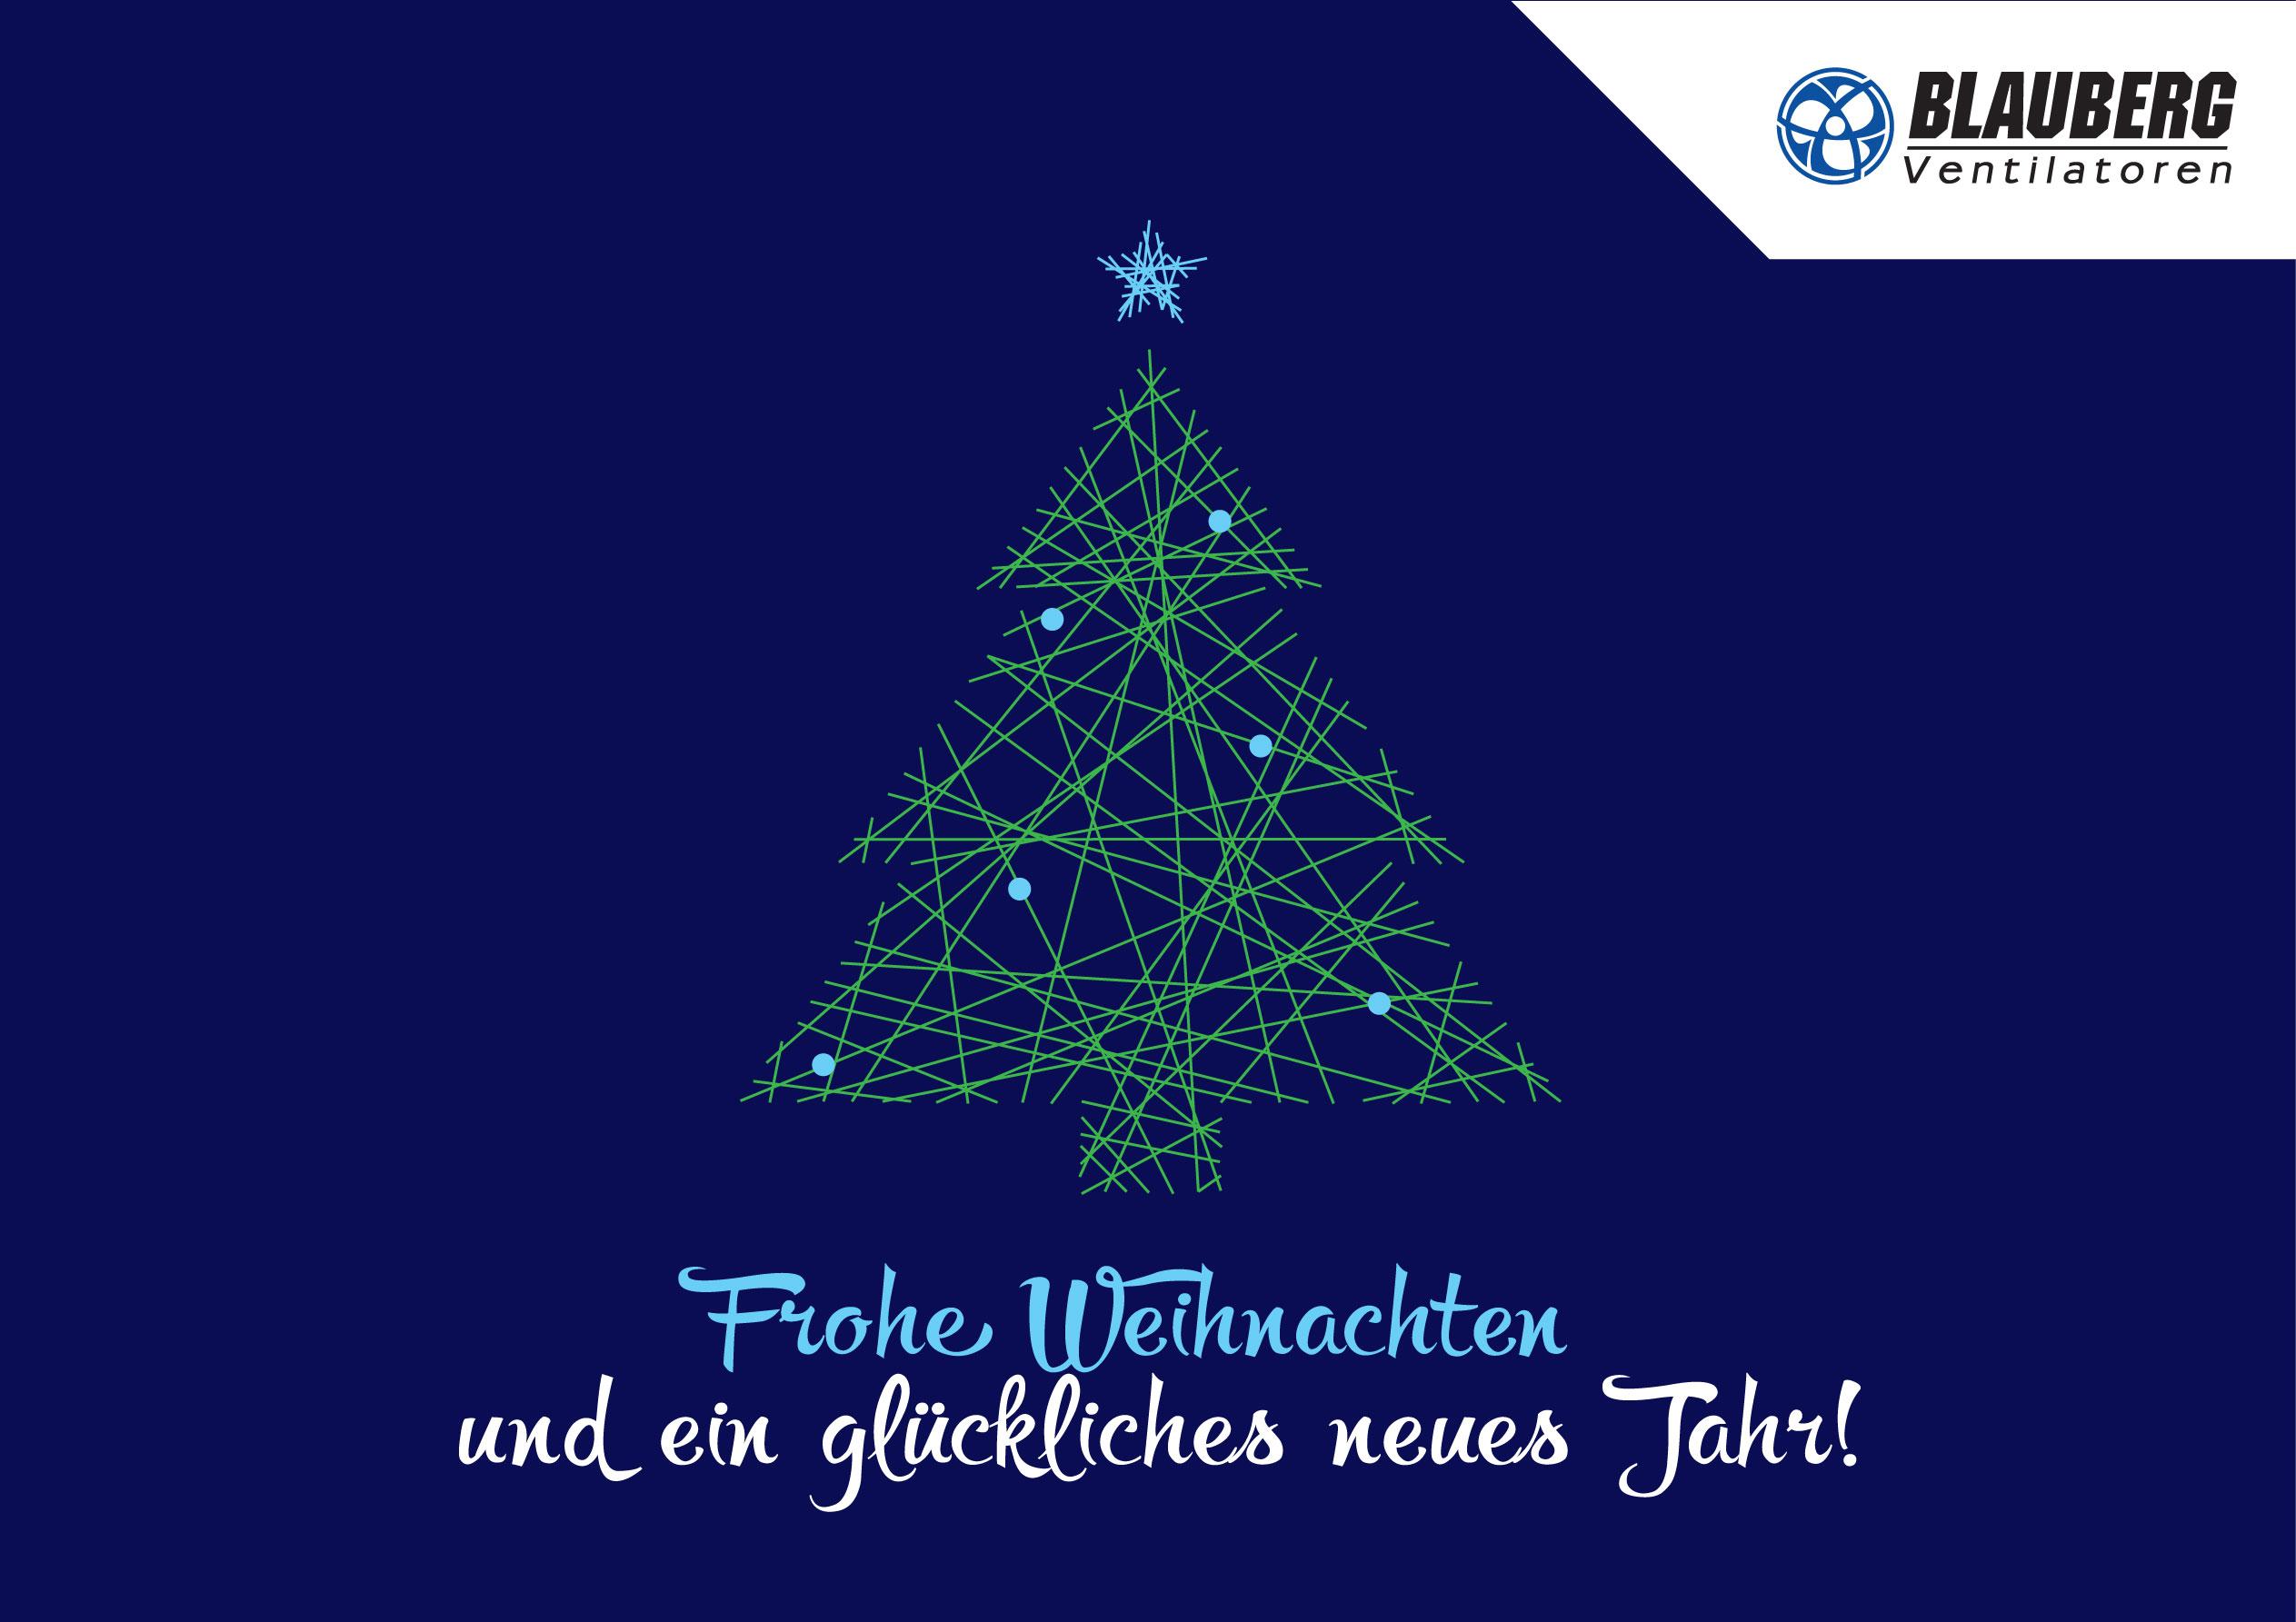 Ich Wünsche Euch Frohe Weihnachten Und Ein Gutes Neues Jahr.Wir Wünschen Ihnen Frohe Weihnachten Und Einen Guten Rutsch Ins Neue